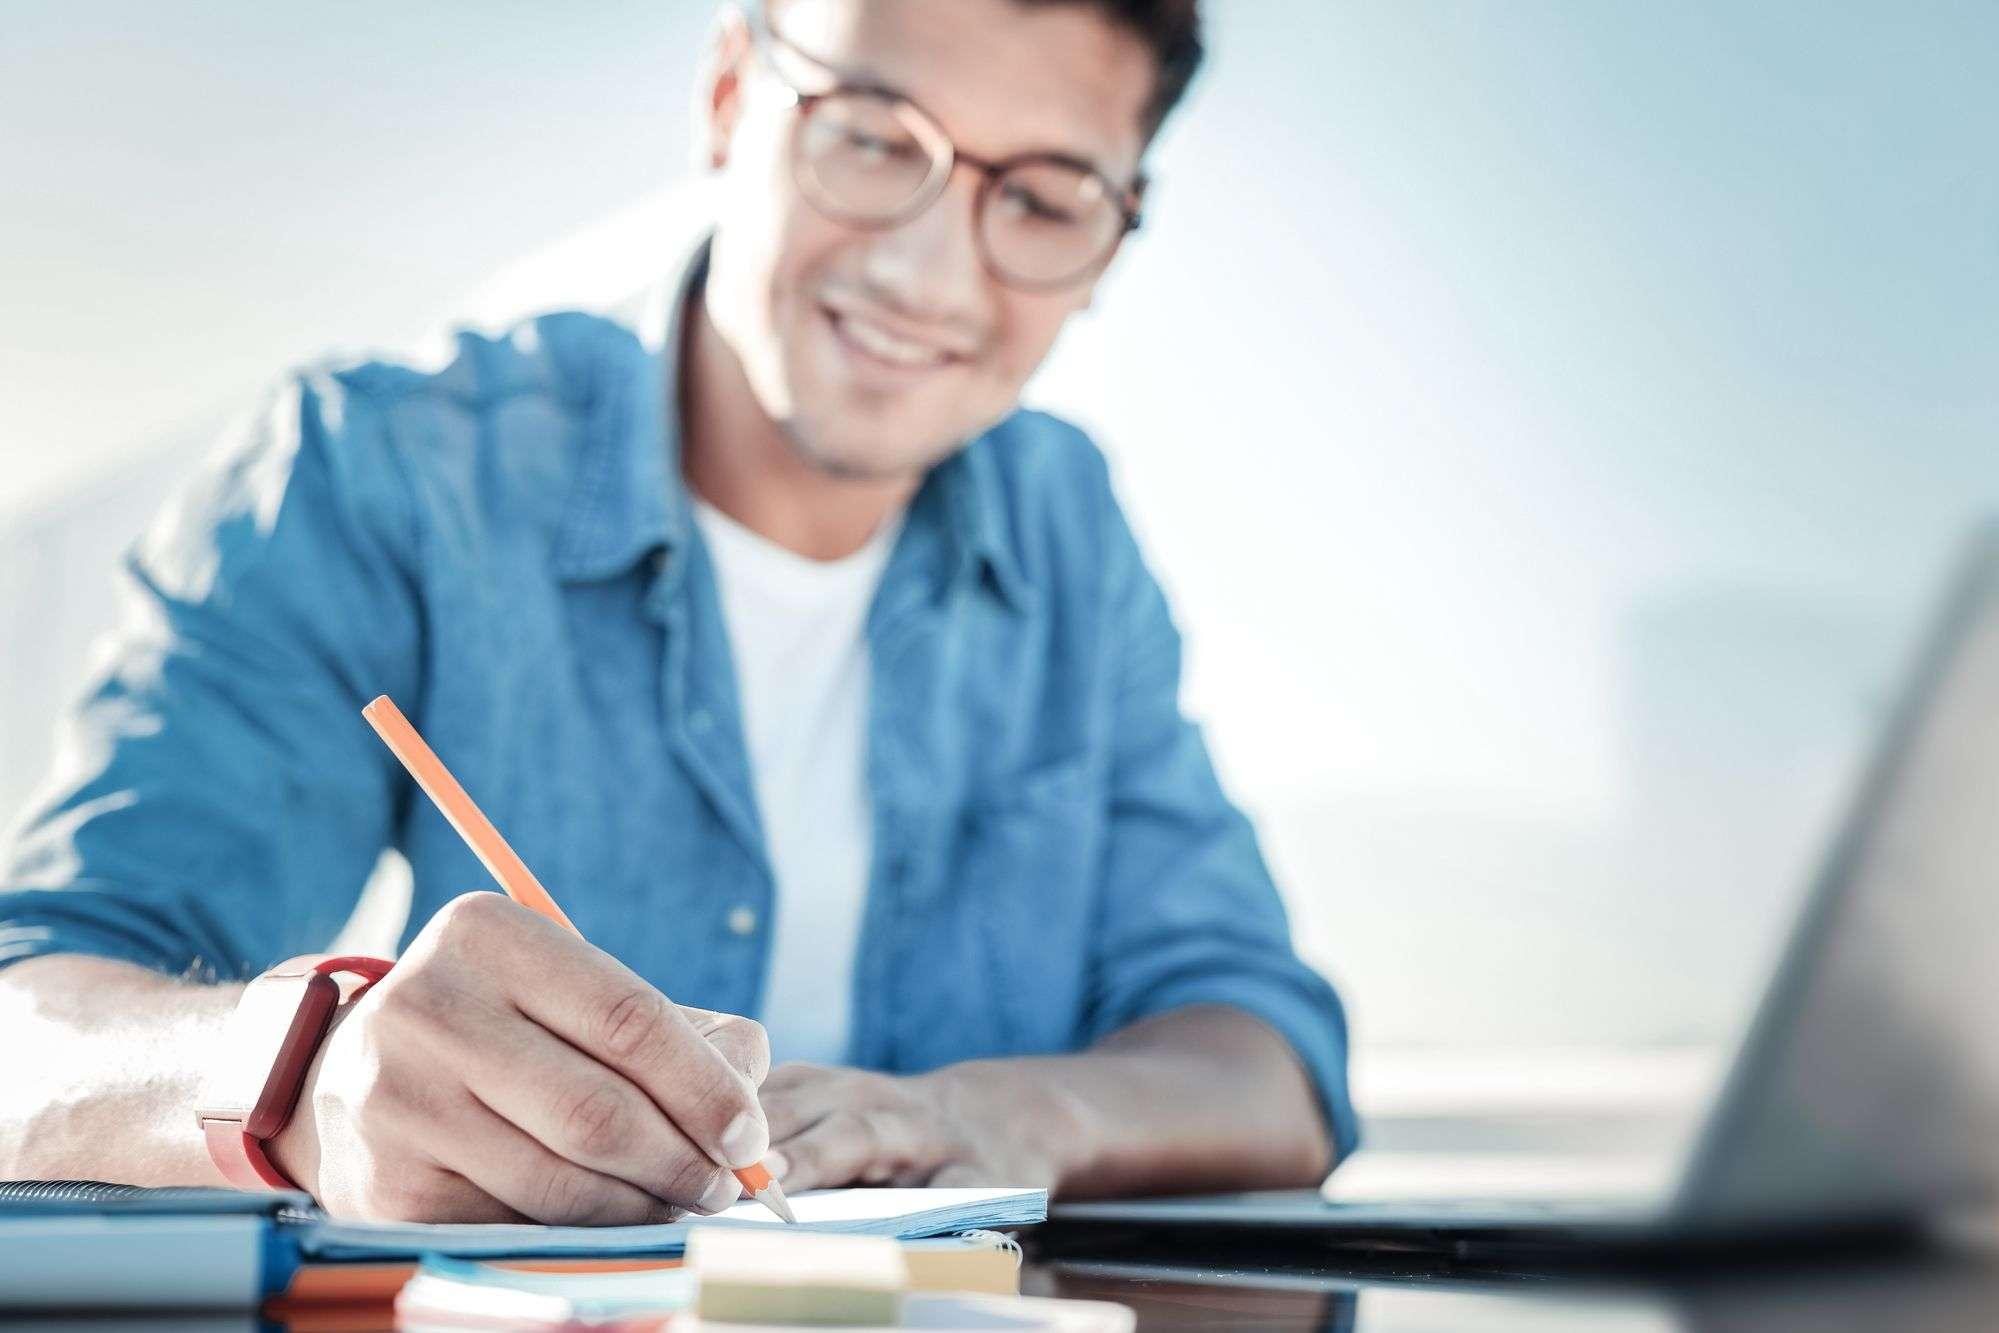 Programa De Desenvolvimento Executivo: Como Ele Pode Destacar Você?